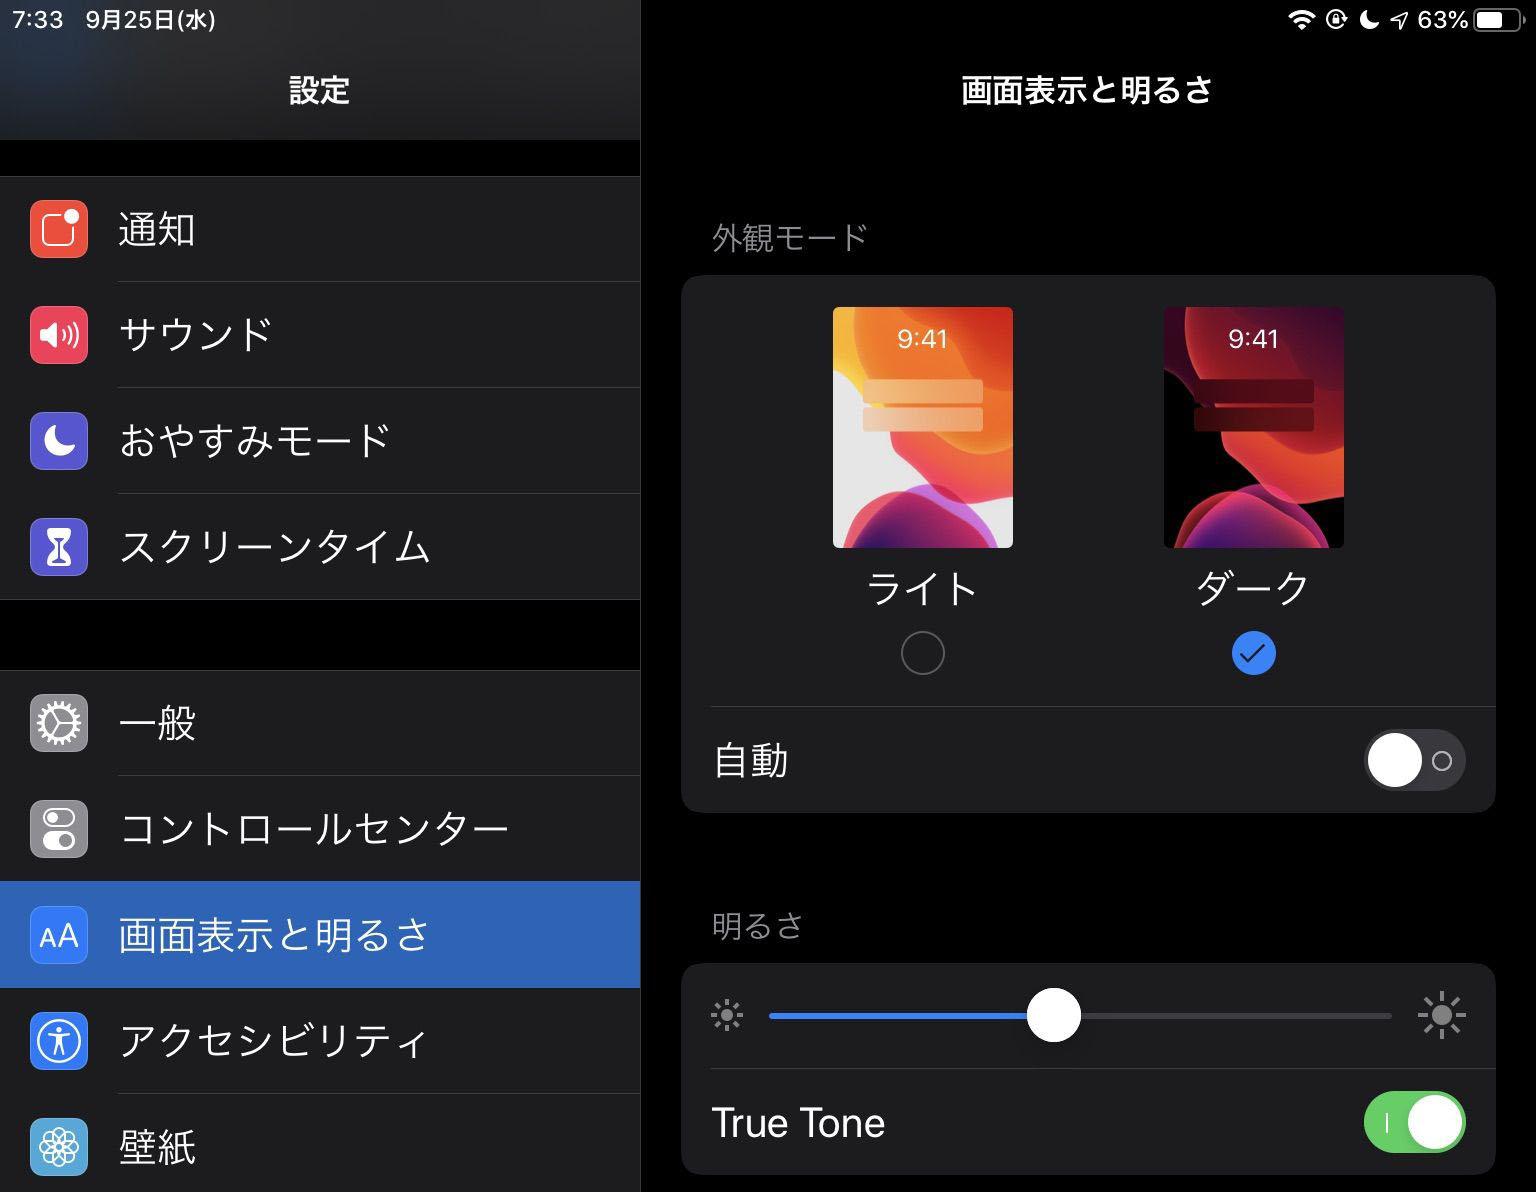 iOS 13.1とiPadOS 13.1にアップデート